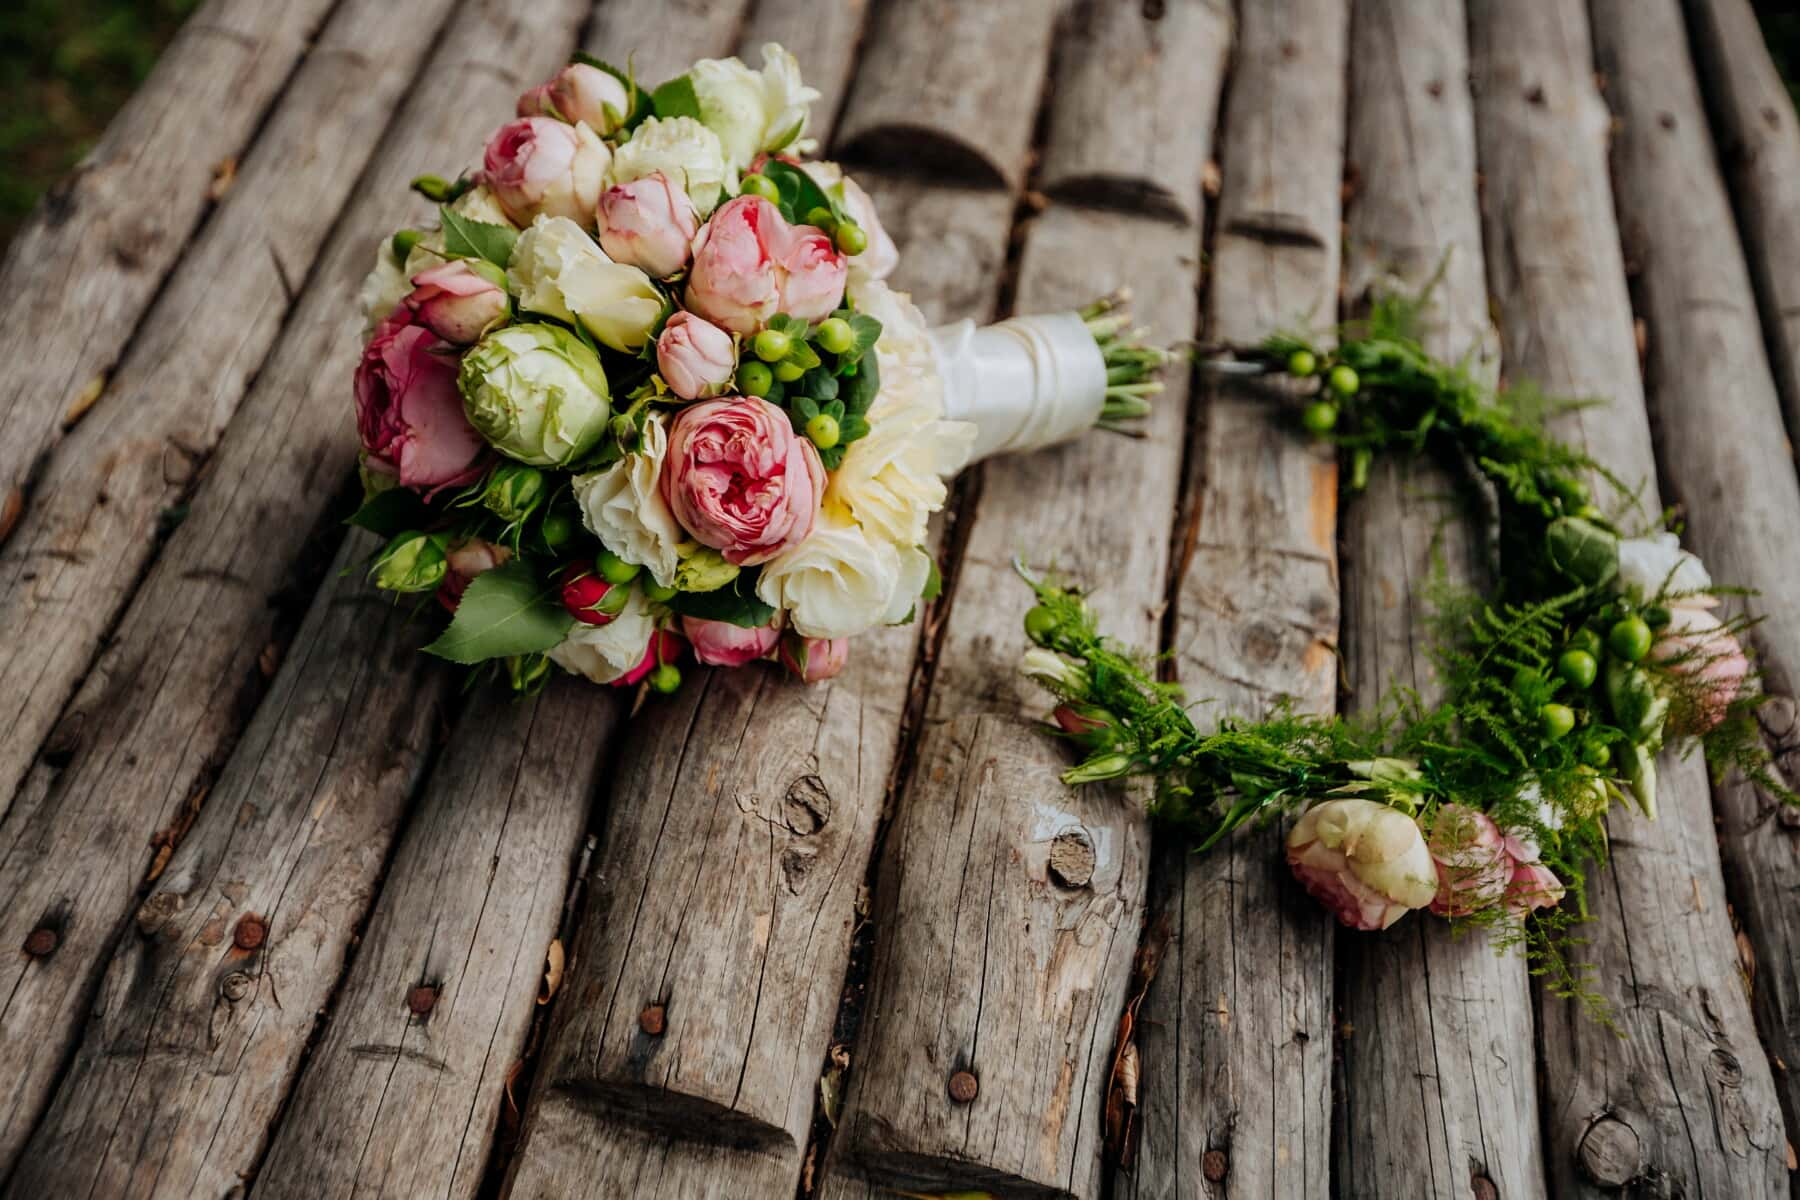 wood, wedding bouquet, arrangement, decoration, texture, wooden, bouquet, nature, flower, leaf